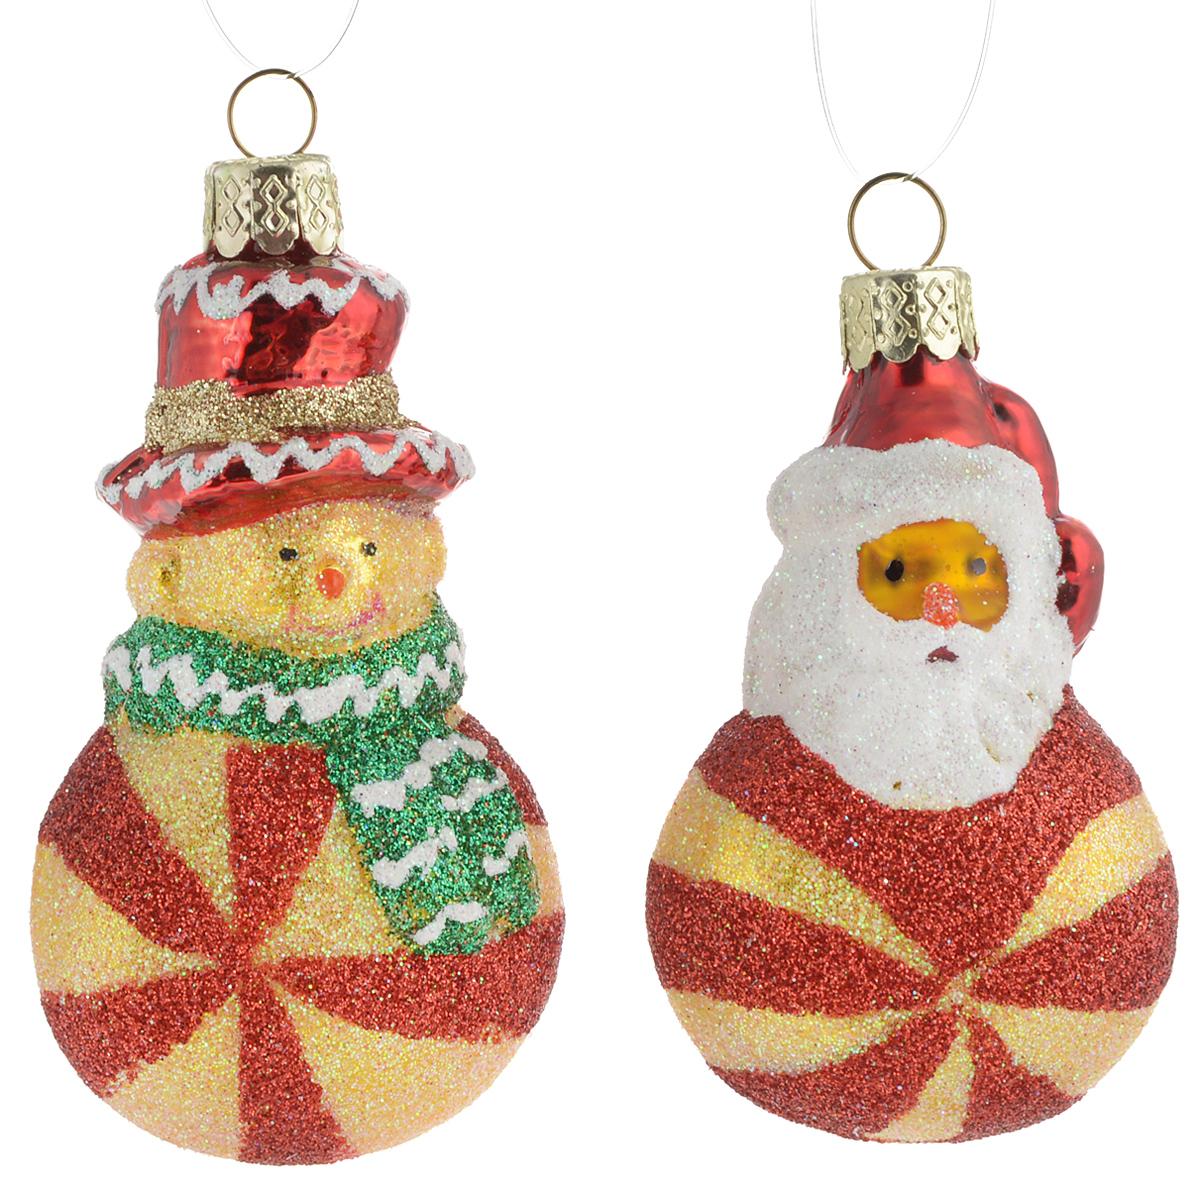 Украшение новогоднее подвесное Winter Wings Дед Мороз и снеговик, 2 штN07841Набор украшений Winter Wings Дед Мороз и снеговик прекрасно подойдет для праздничного декора новогодней ели. Изделия выполнены из высококачественного стекла. Набор состоит из двух фигурок в виде Деда Мороза и Снеговика. Для удобного размещения на елке на украшениях предусмотрены петли.Елочная игрушка - символ Нового года. Она несет в себе волшебство и красоту праздника. Создайте в своем доме атмосферу веселья и радости, украшая новогоднюю елку нарядными игрушками, которые будут из года в год накапливать теплоту воспоминаний. Откройте для себя удивительный мир сказок и грез. Почувствуйте волшебные минуты ожидания праздника, создайте новогоднее настроение вашим дорогим и близким.Количество украшений: 2 шт.Высота украшения: 7 см.